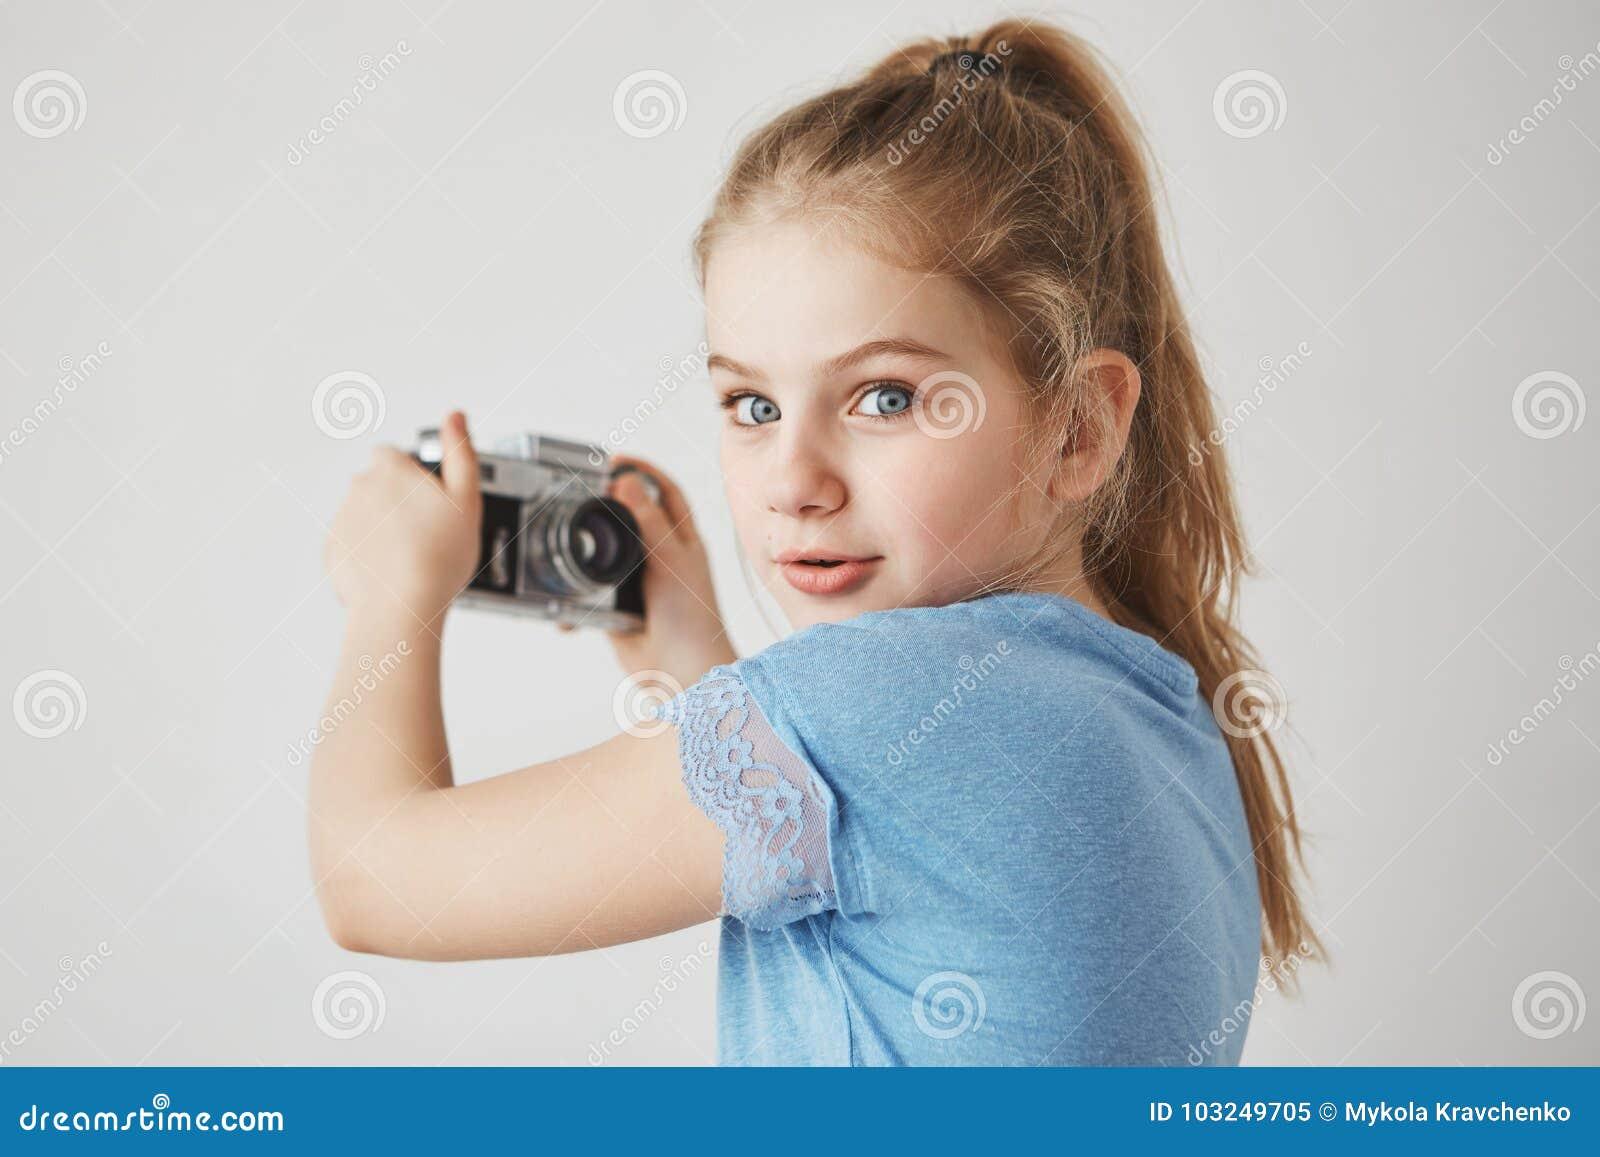 Sluit omhoog portret van vrolijk leuk meisje die met blondehaar en blauwe ogen, in camera met geinteresseerde uitdrukking kijken